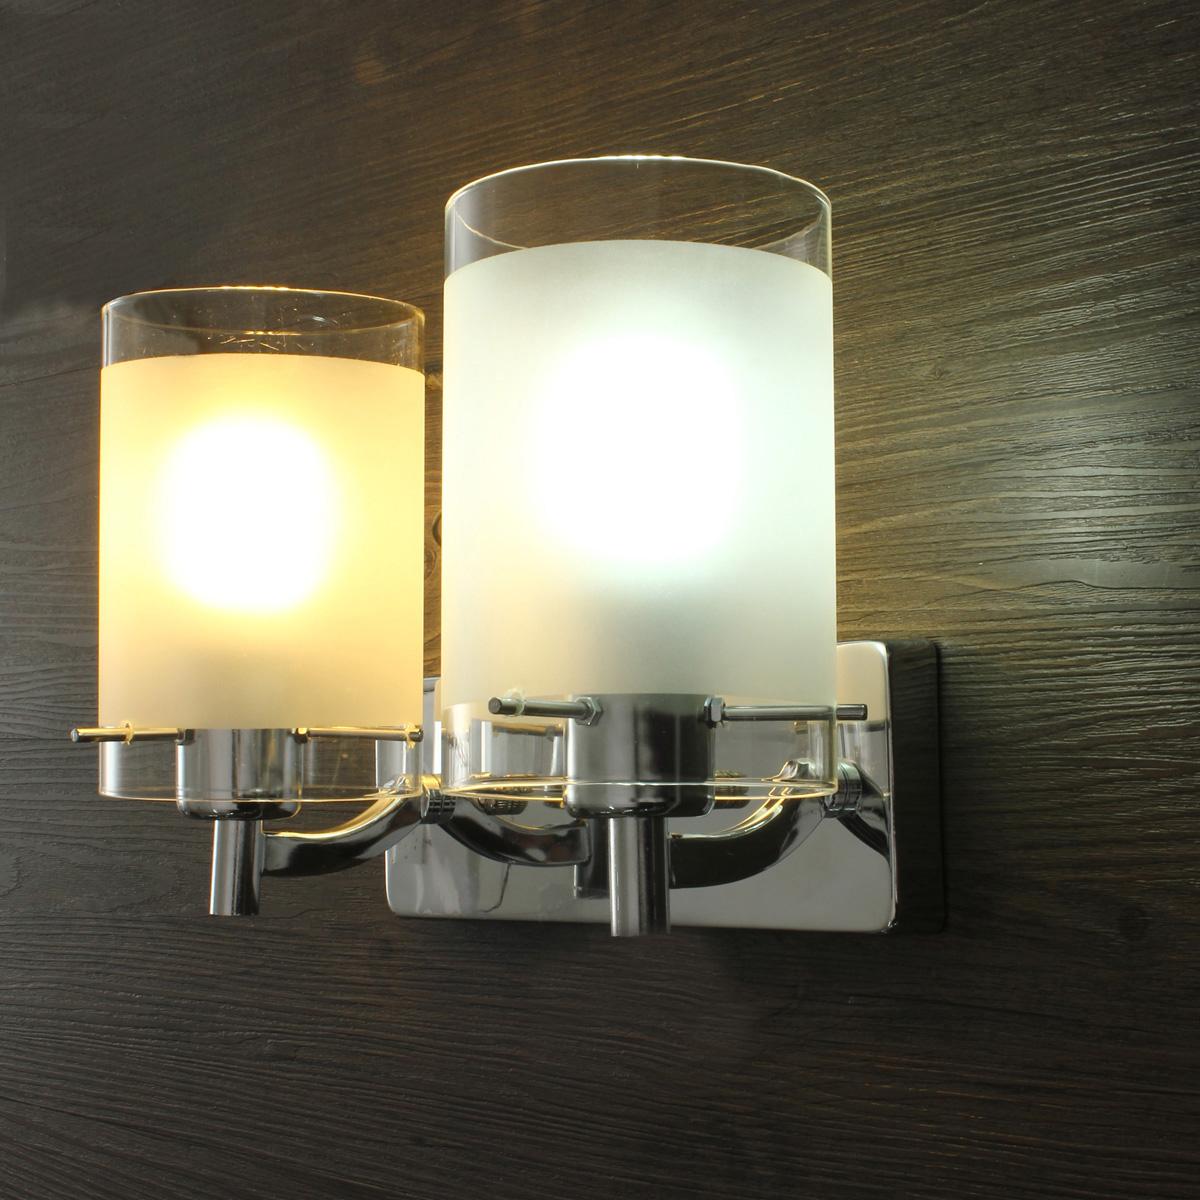 Lampada Faretto Singolo/Doppia Luce LED Applique Parete Muro Luce ...